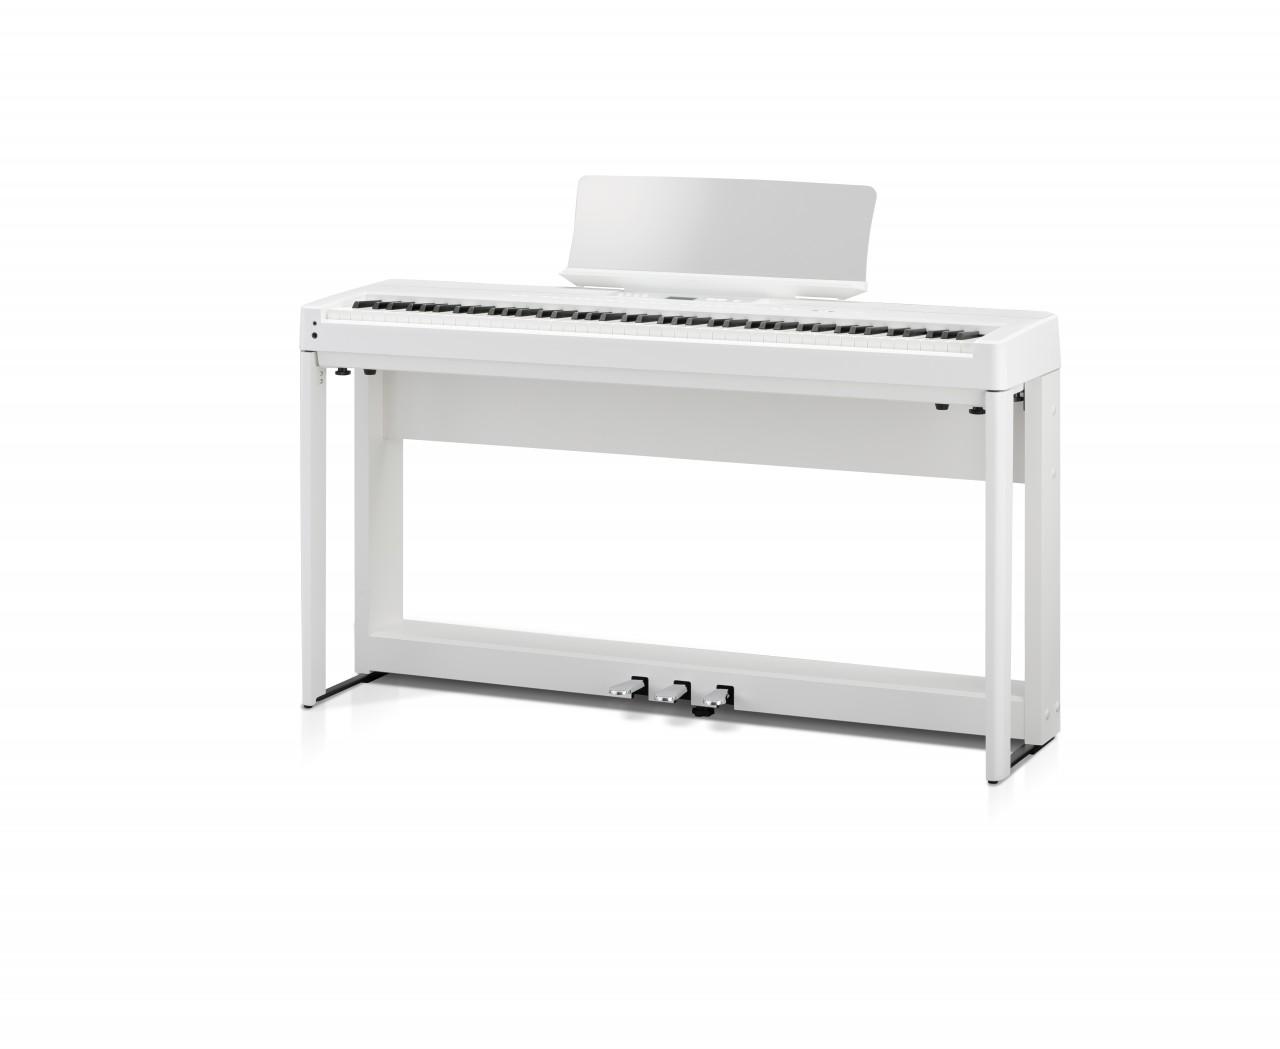 KAWAI ES 920 Digitale piano